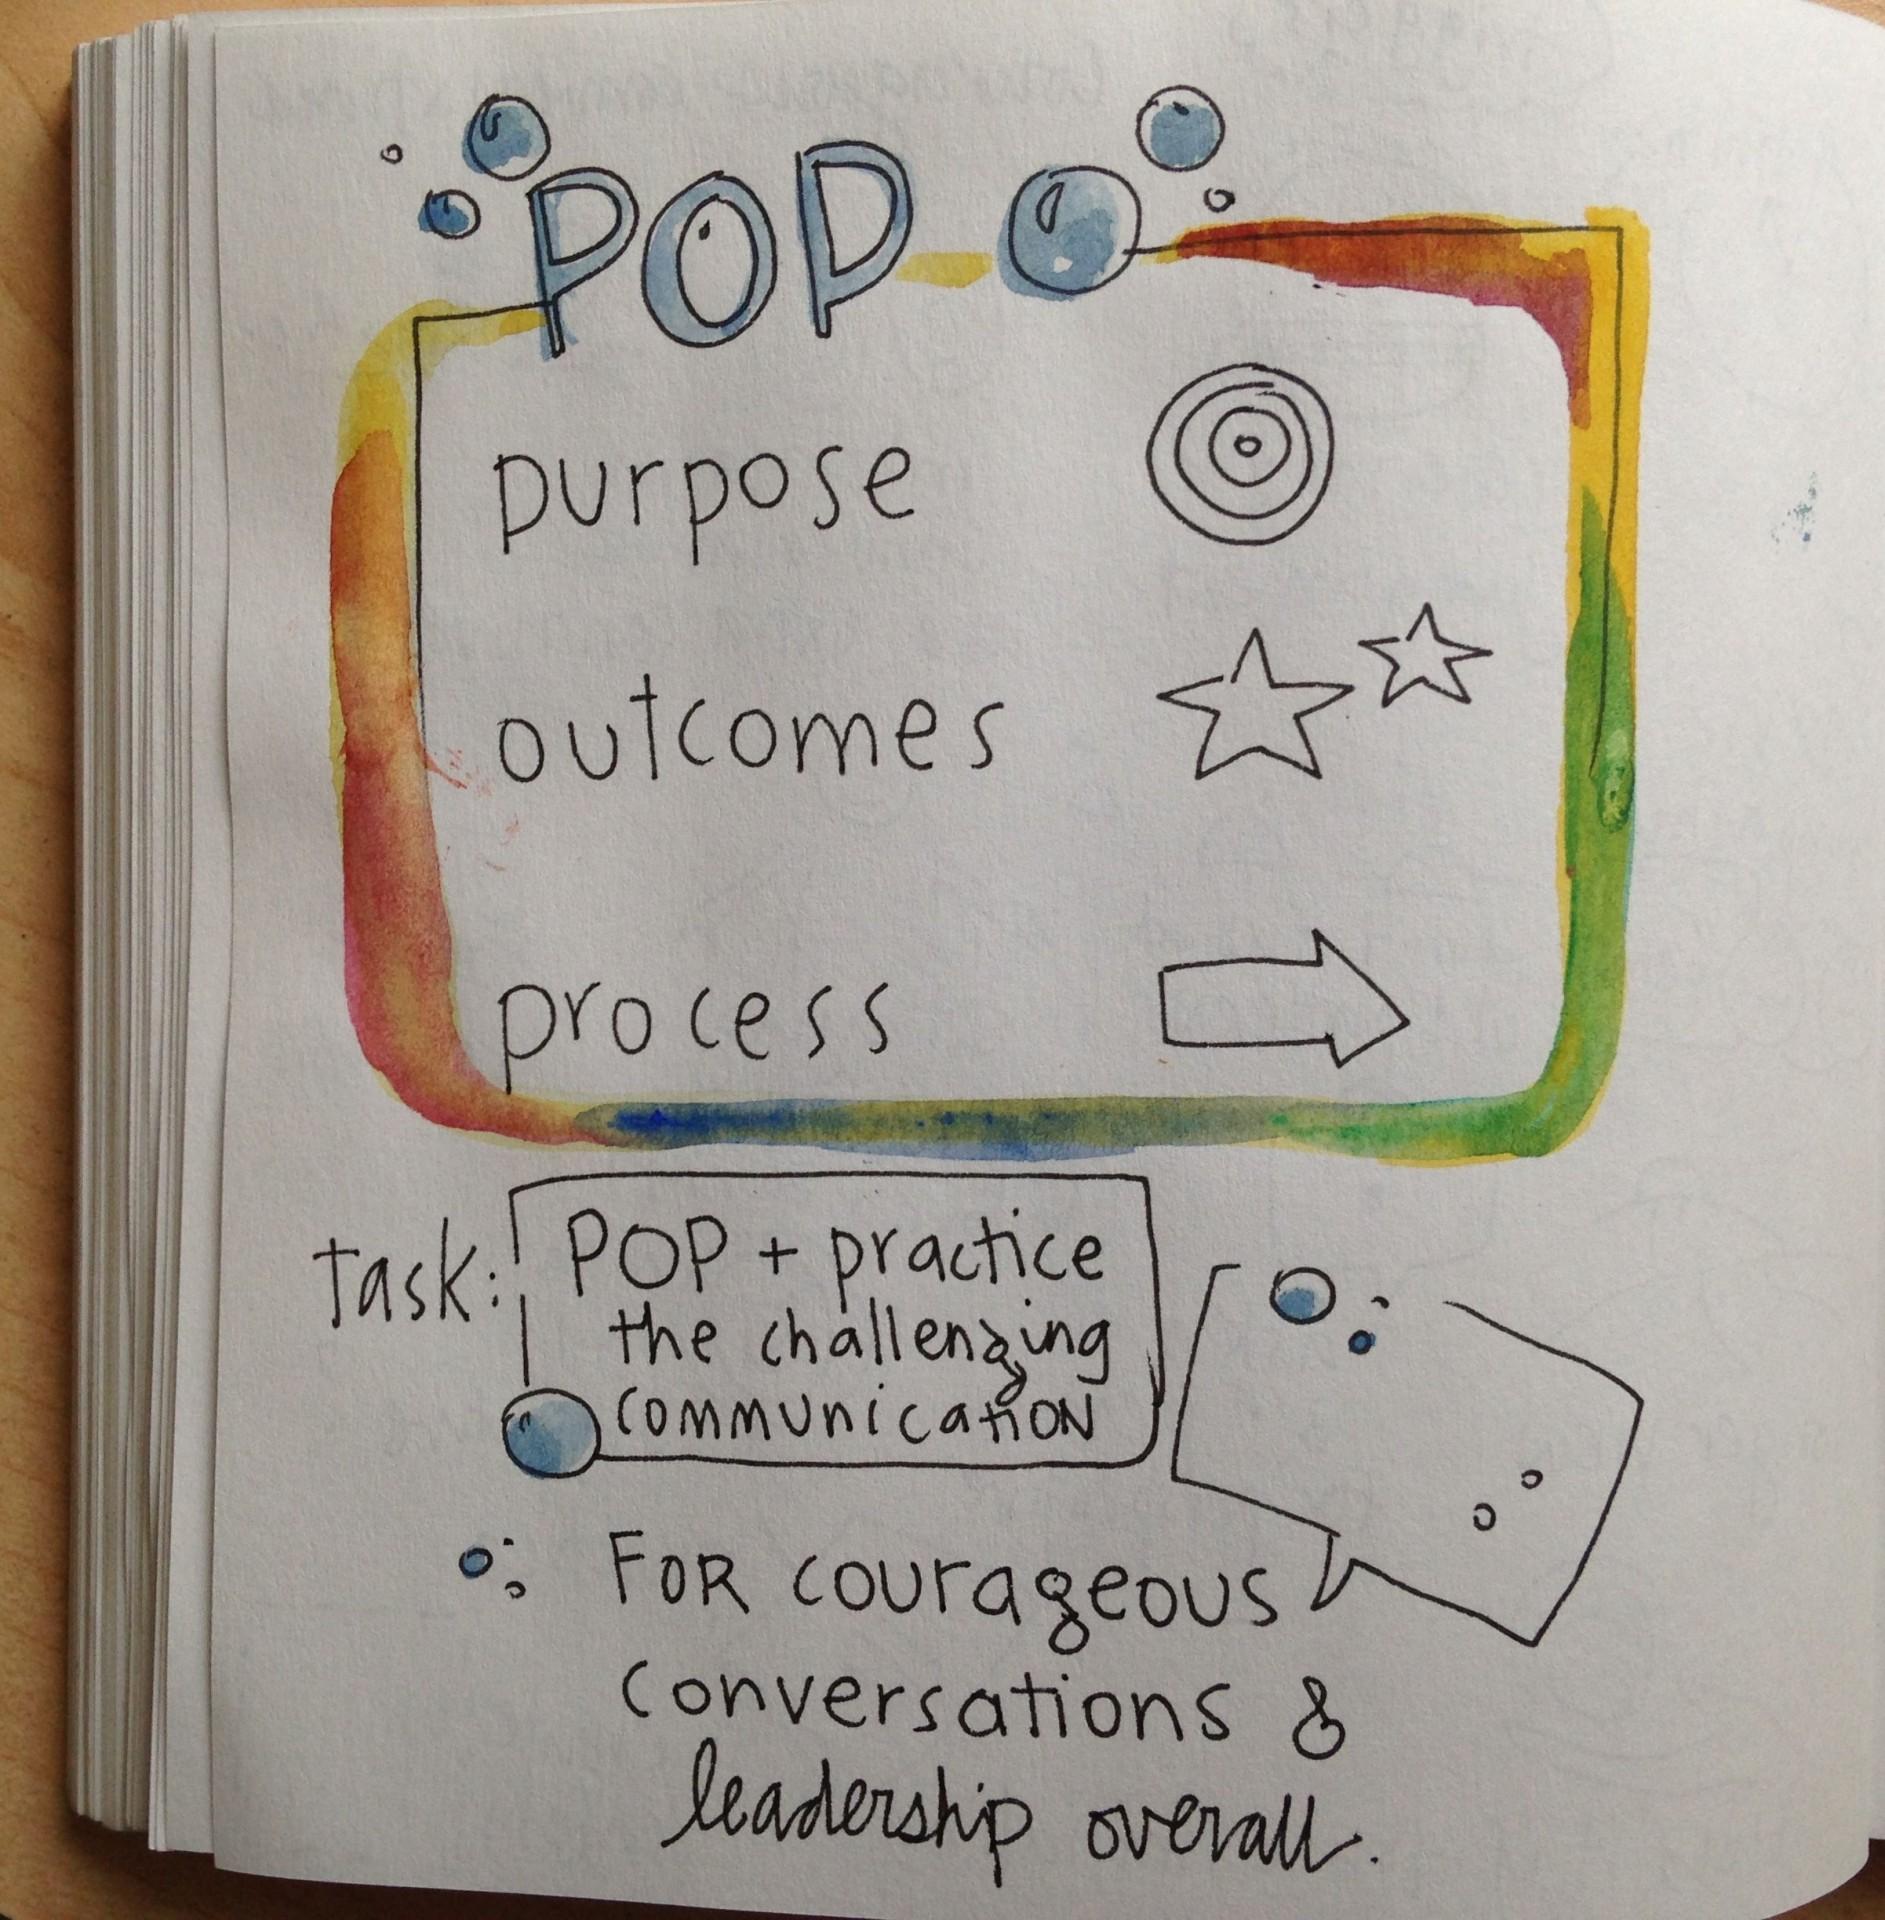 POP: purpose, outcomes, process sketchnote